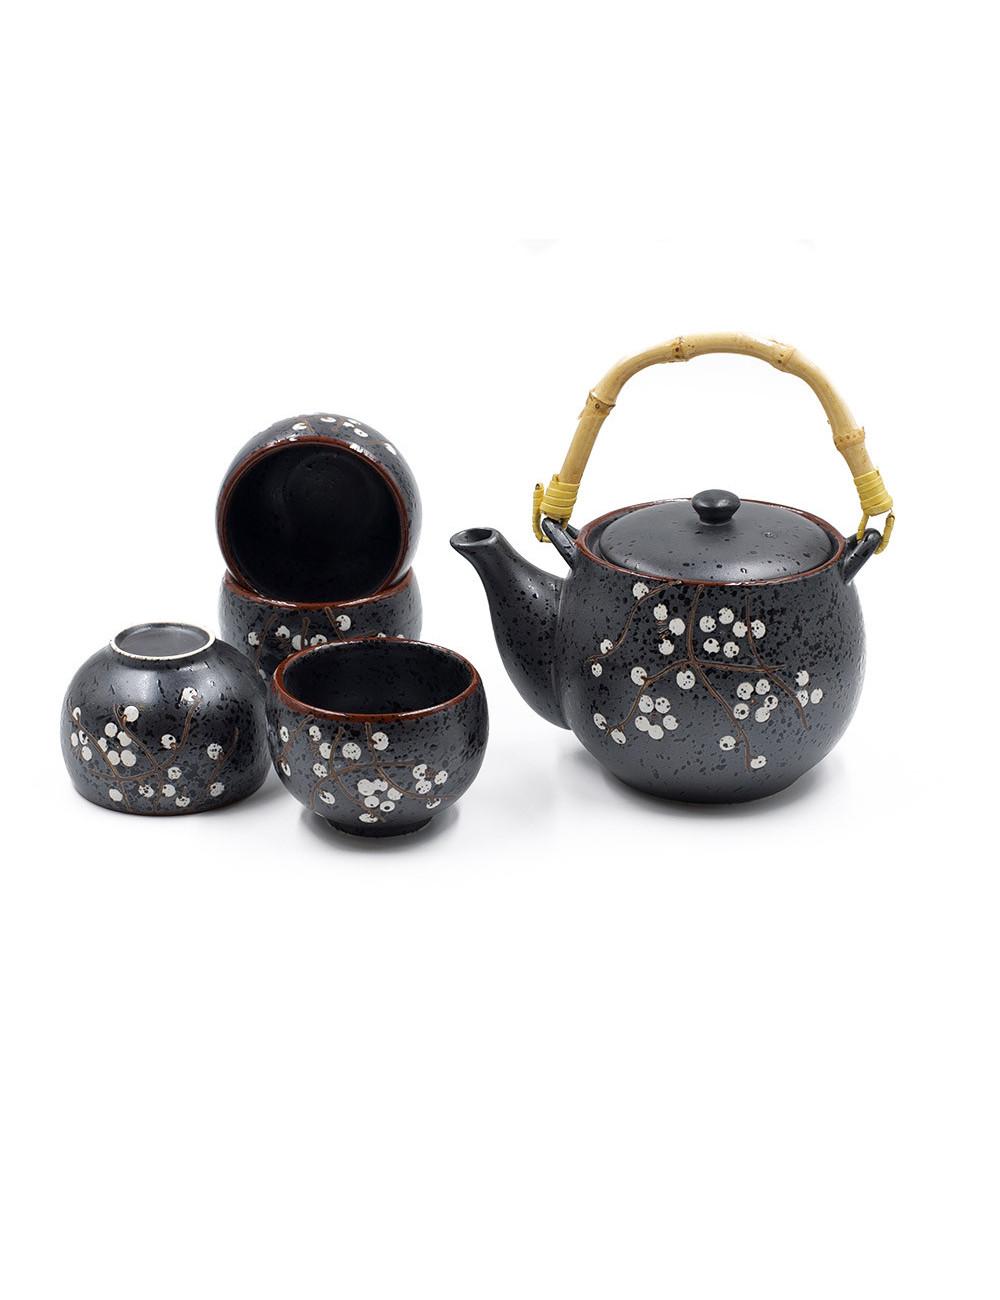 Set da tè Loto in ceramica nero satinato con fiori di ciliegio bianchi da 700 ml - La Pianta del Tè Shop online